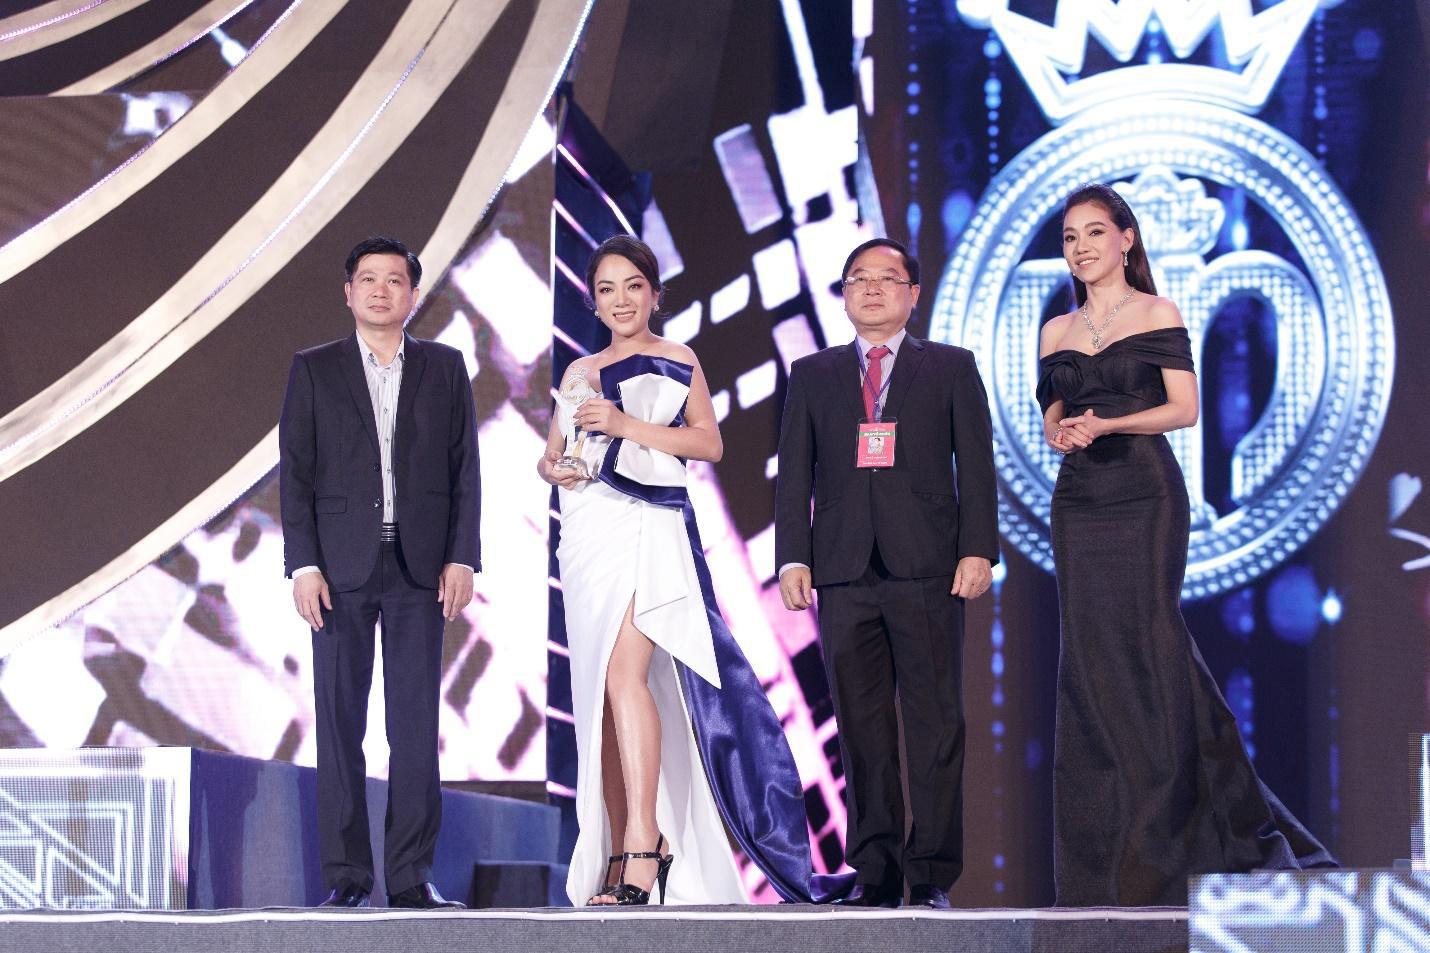 Ấn tượng với sự kết hợp giữa nhan sắc, thời trang và mỹ phẩm trong đêm thi Người Đẹp Thời Trang - Hoa Hậu Việt Nam 2020 - Ảnh 4.